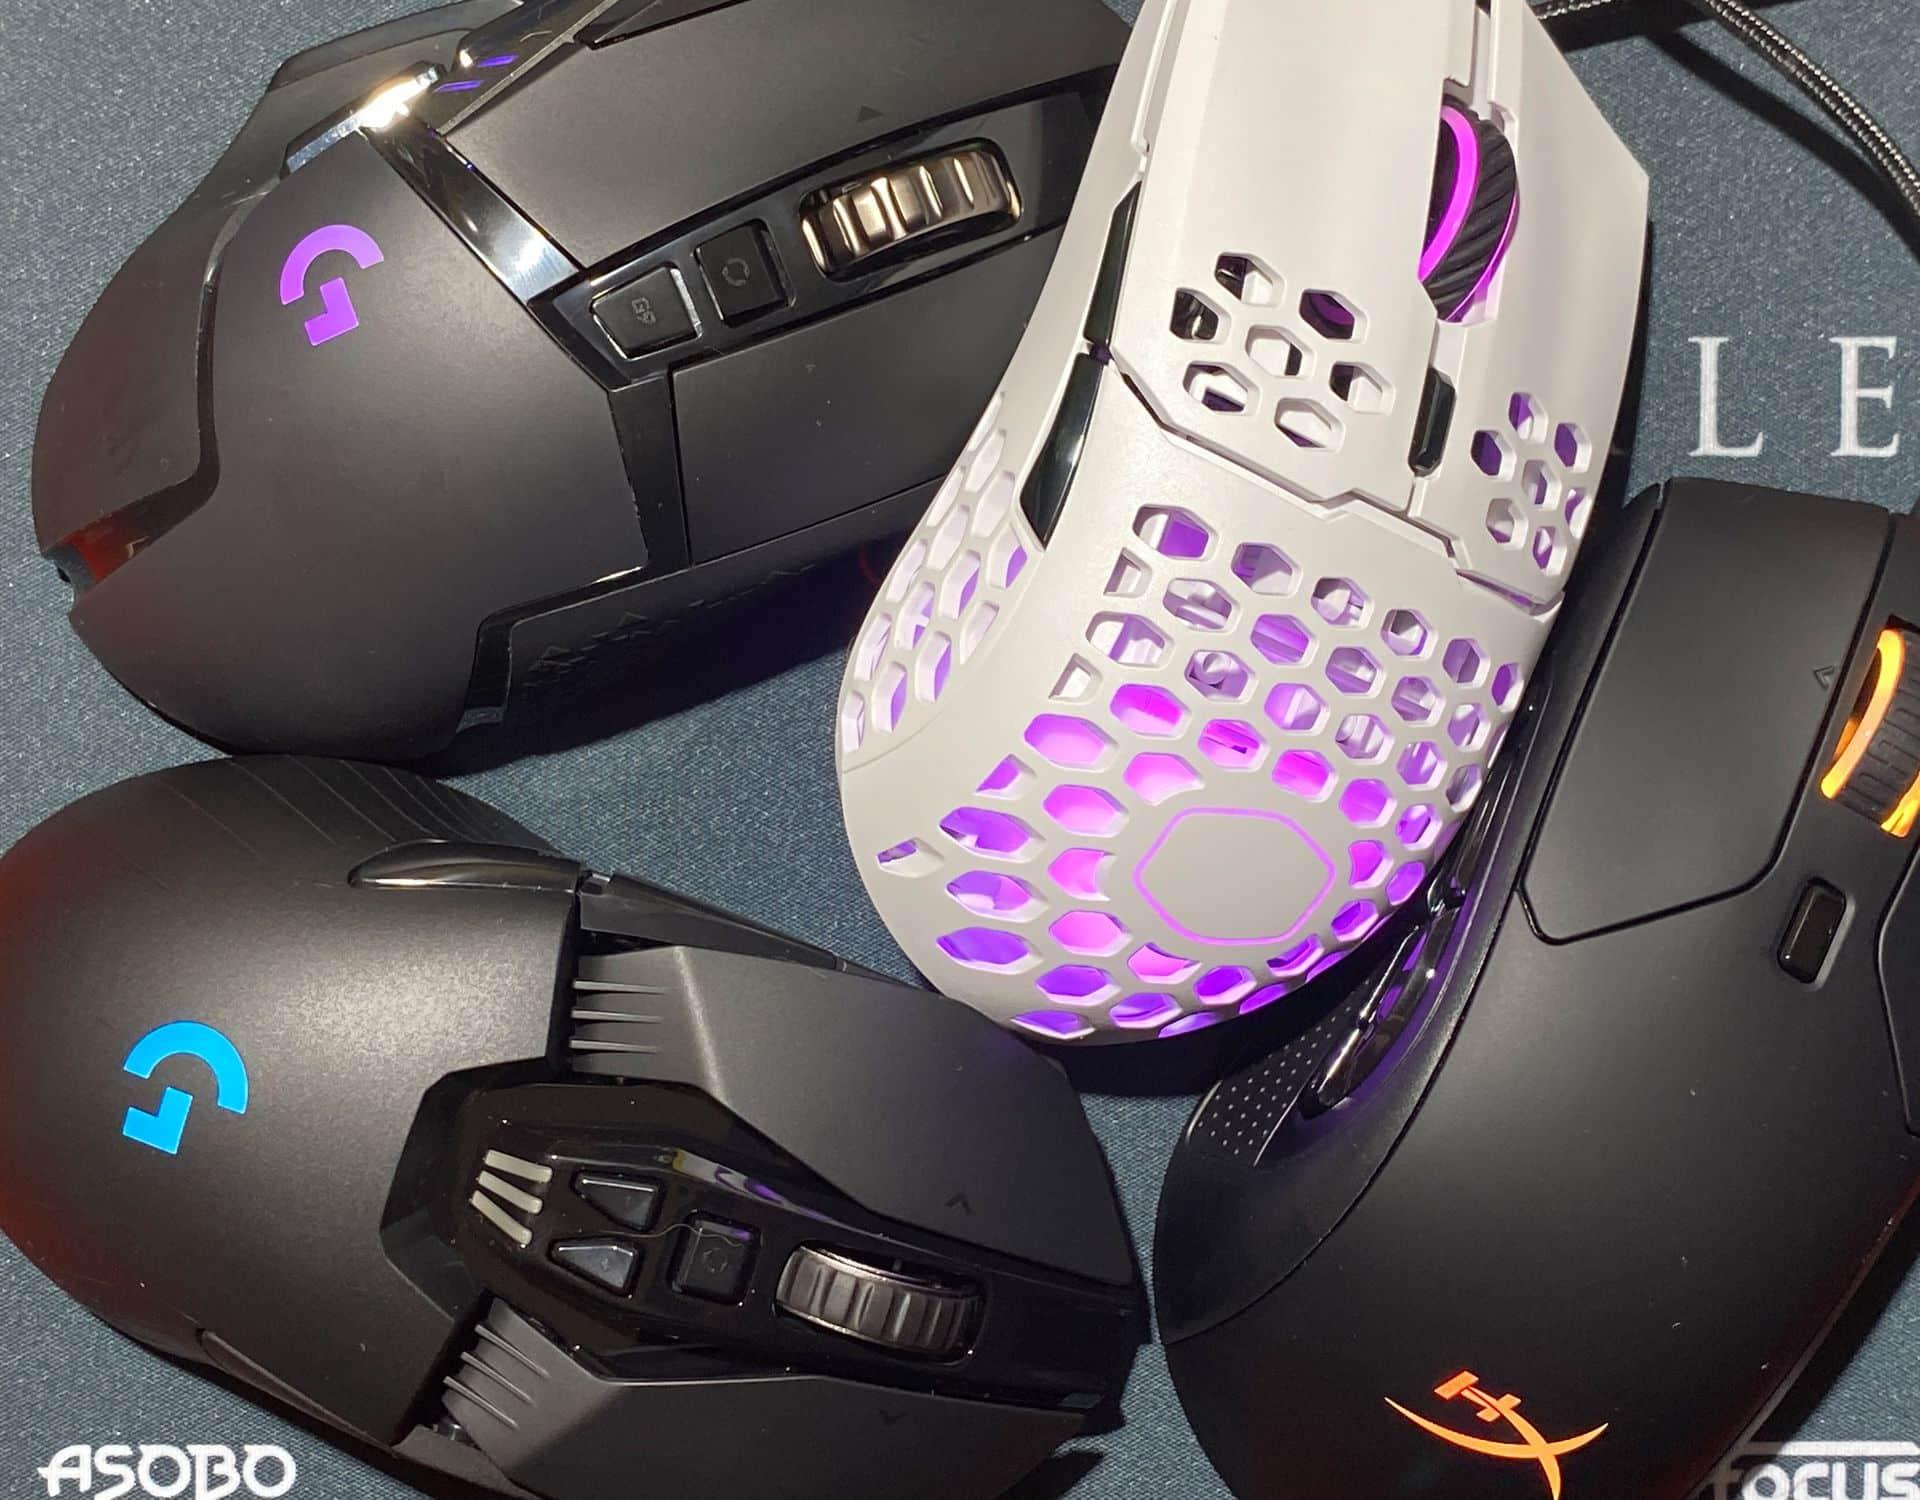 Quelle souris gamer choisir ?